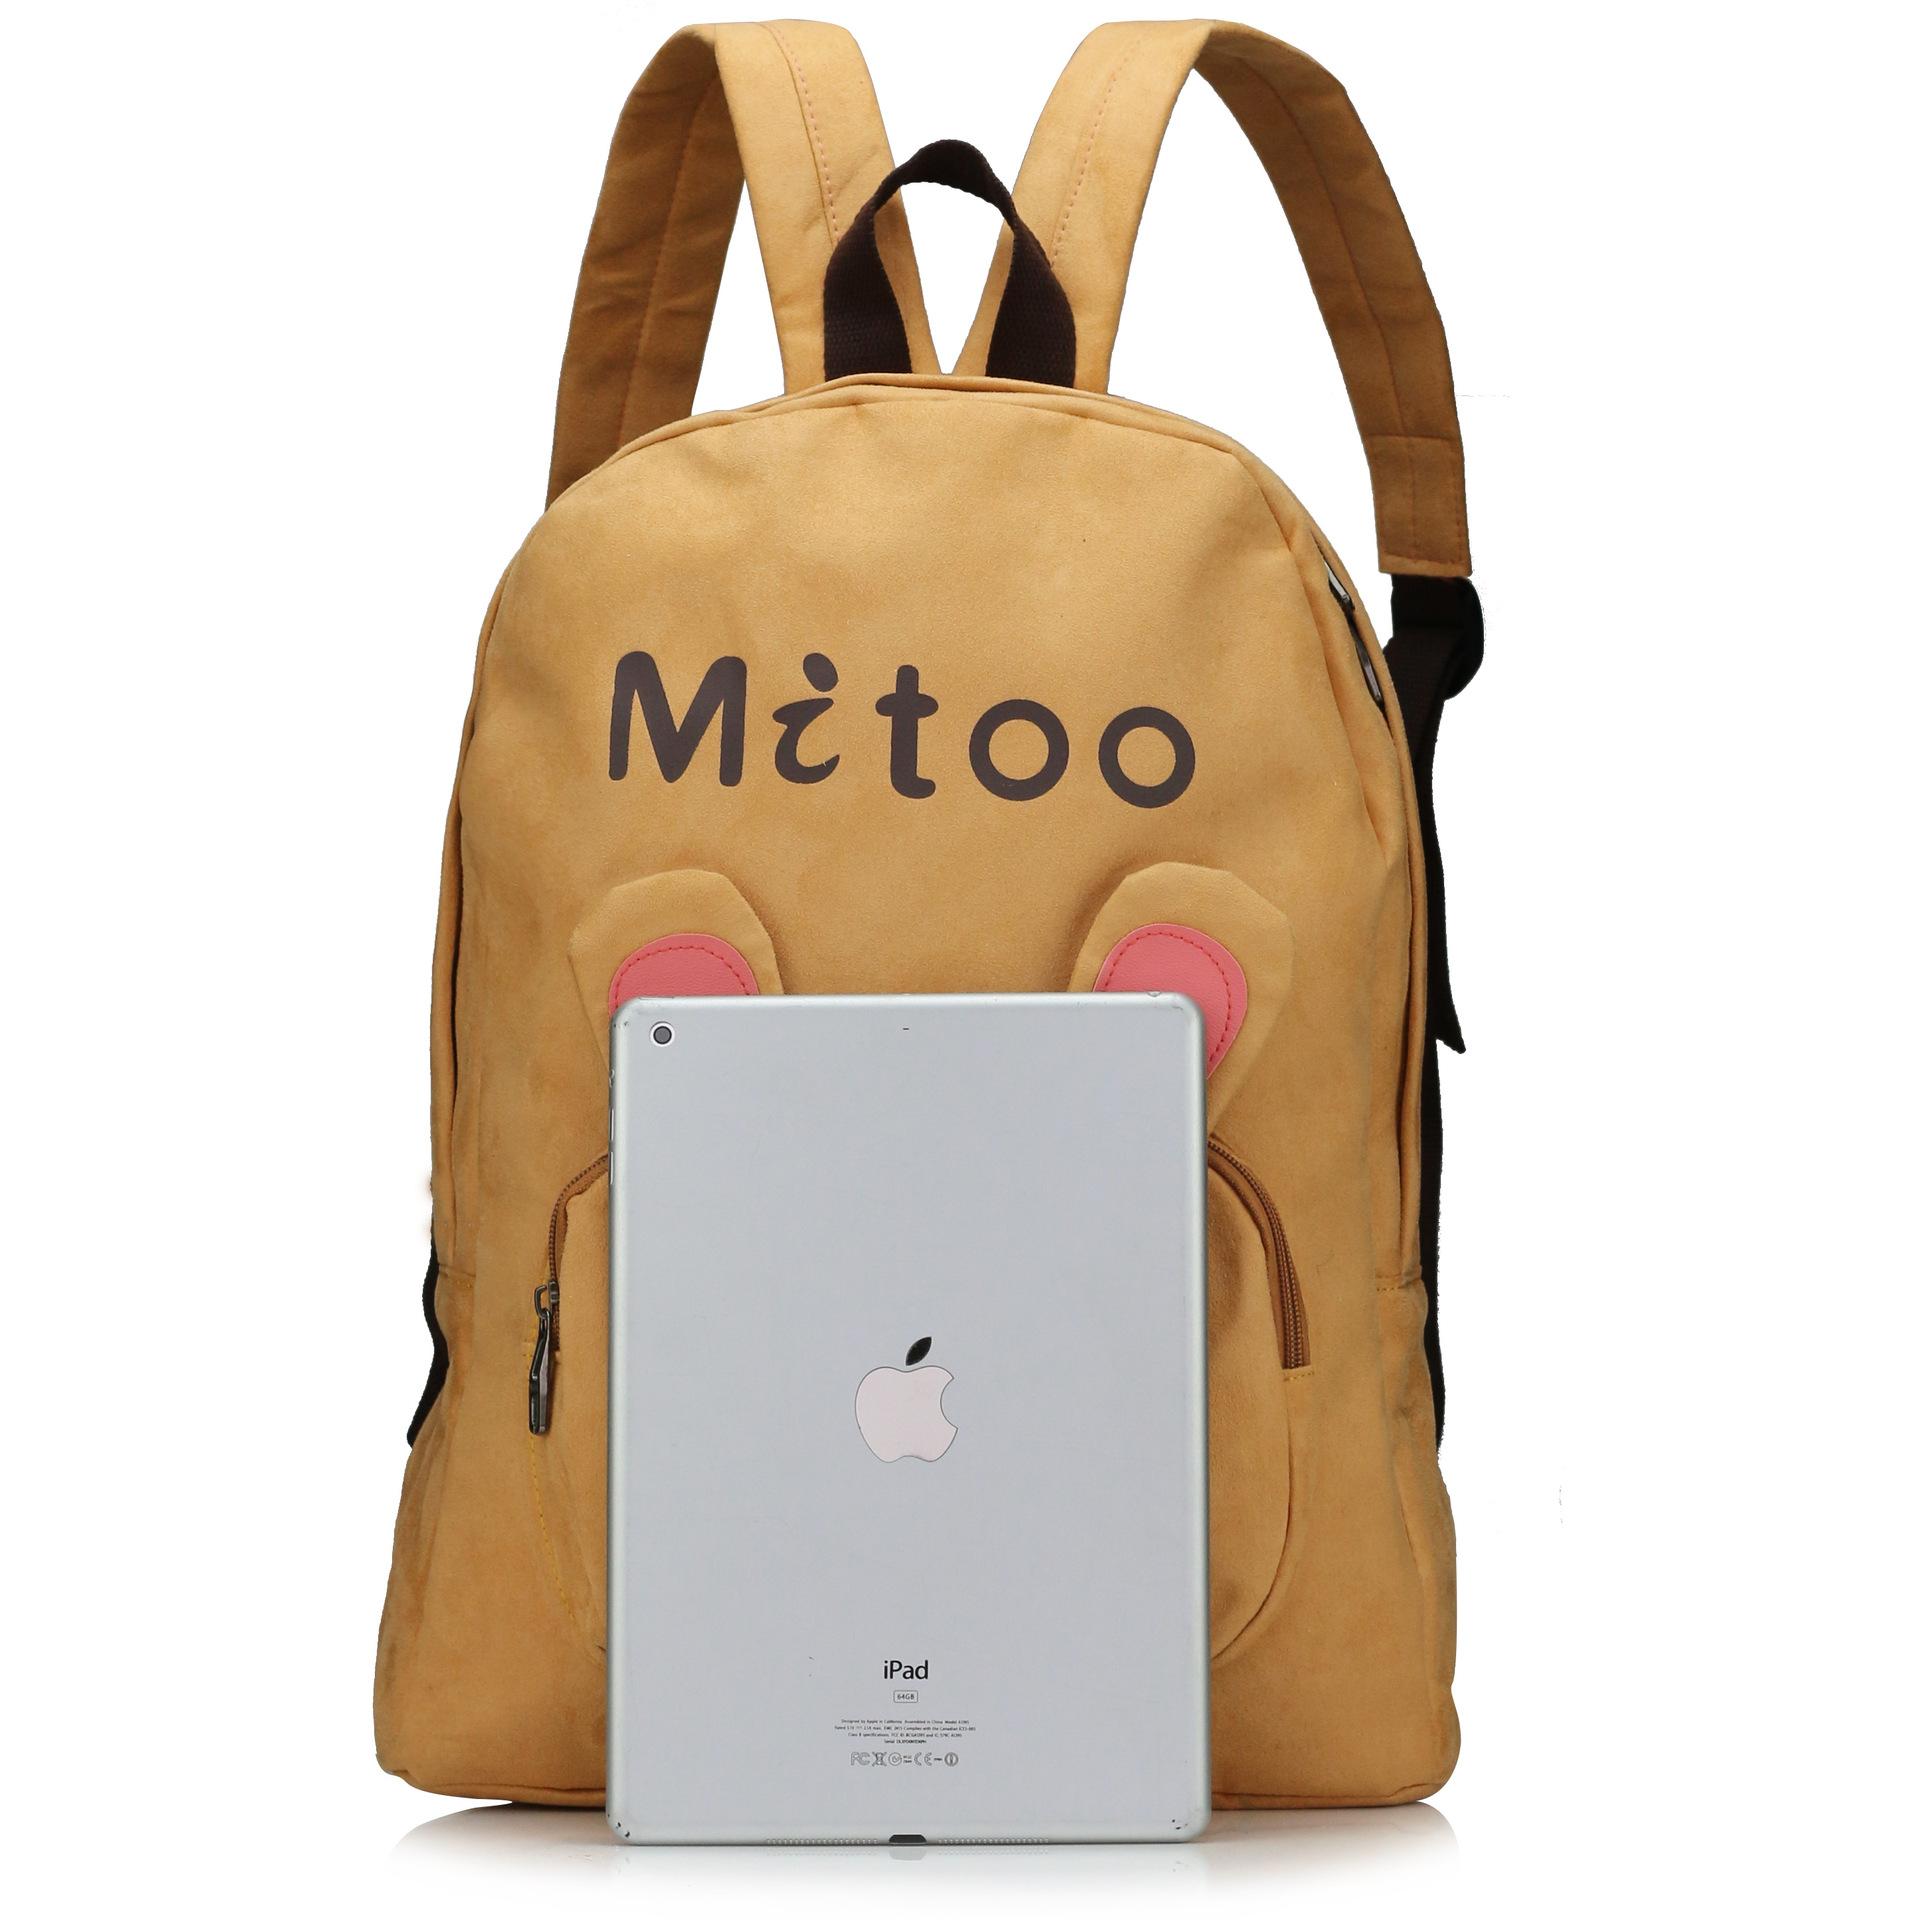 双肩包帆布包时尚卡通兔子背包学生书包 卡其色图片